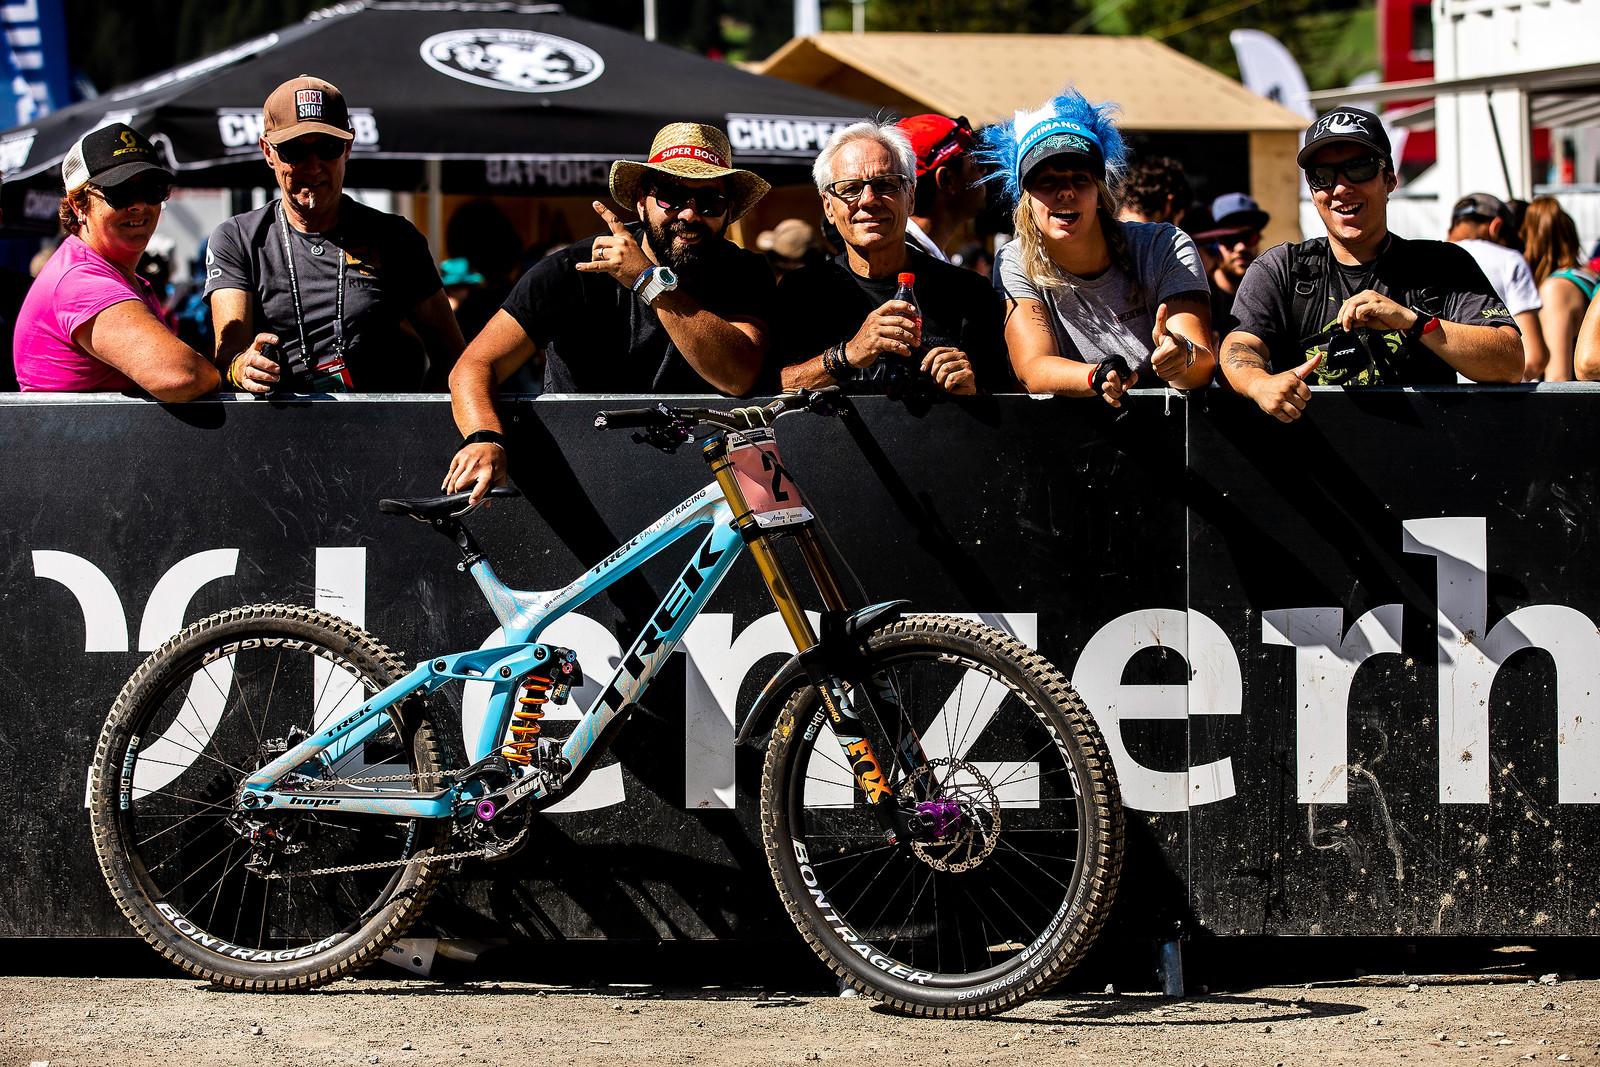 Heck Yeah! - WINNING BIKE - Rachel Atherton's Trek Session - Mountain Biking Pictures - Vital MTB